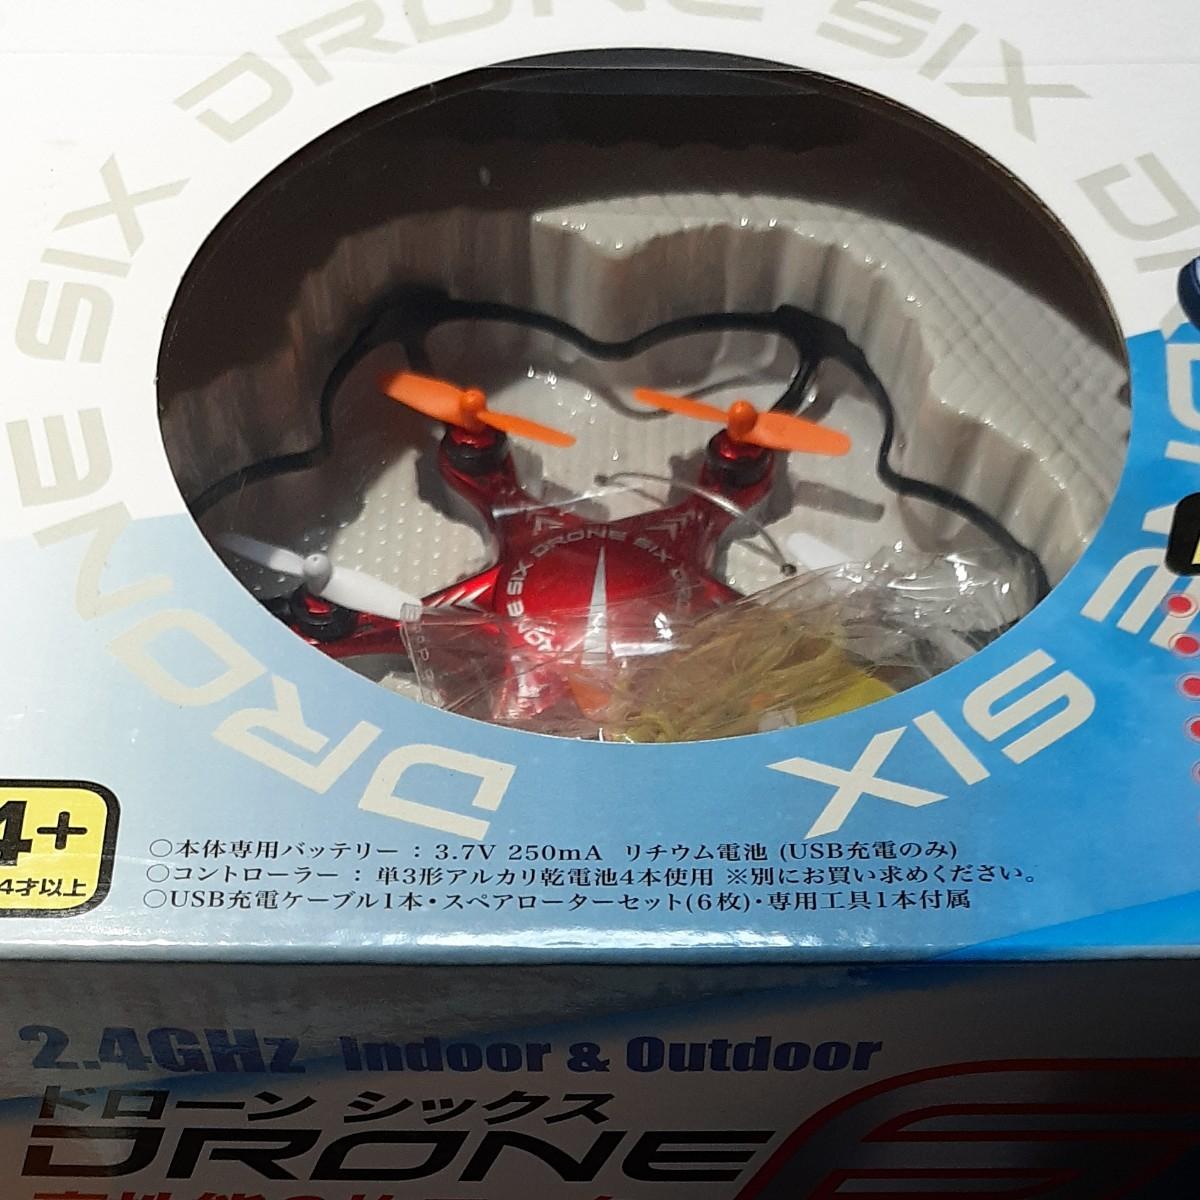 未使用 高性能六枚ロータースペア付き 夜間飛行可能LED ドローン  童友社 2.4GHz ドローンシックス MODE2 赤色